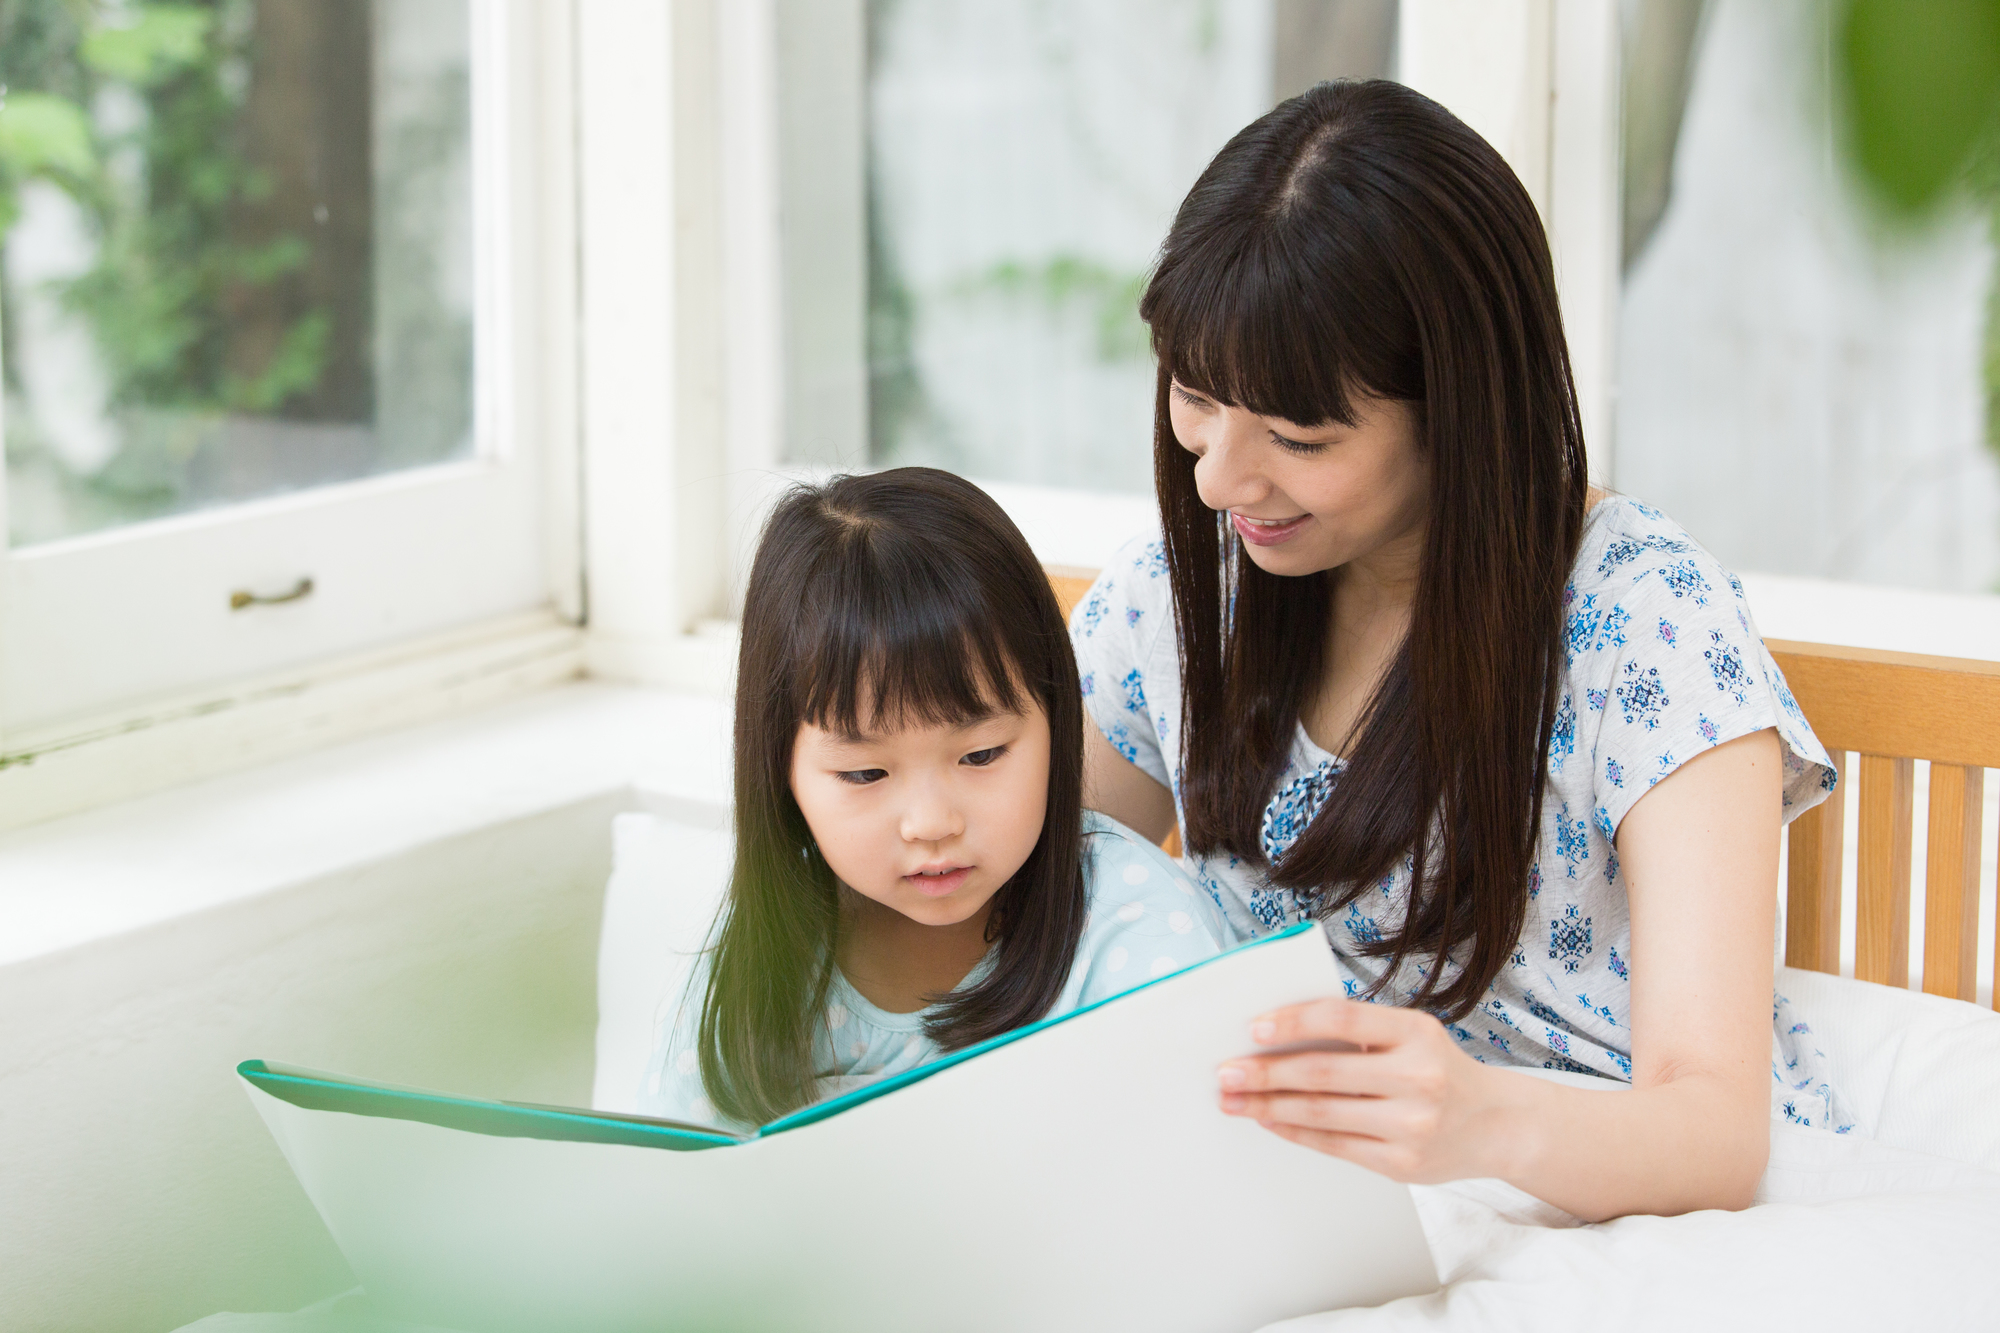 娘に本を読み聞かせる母親